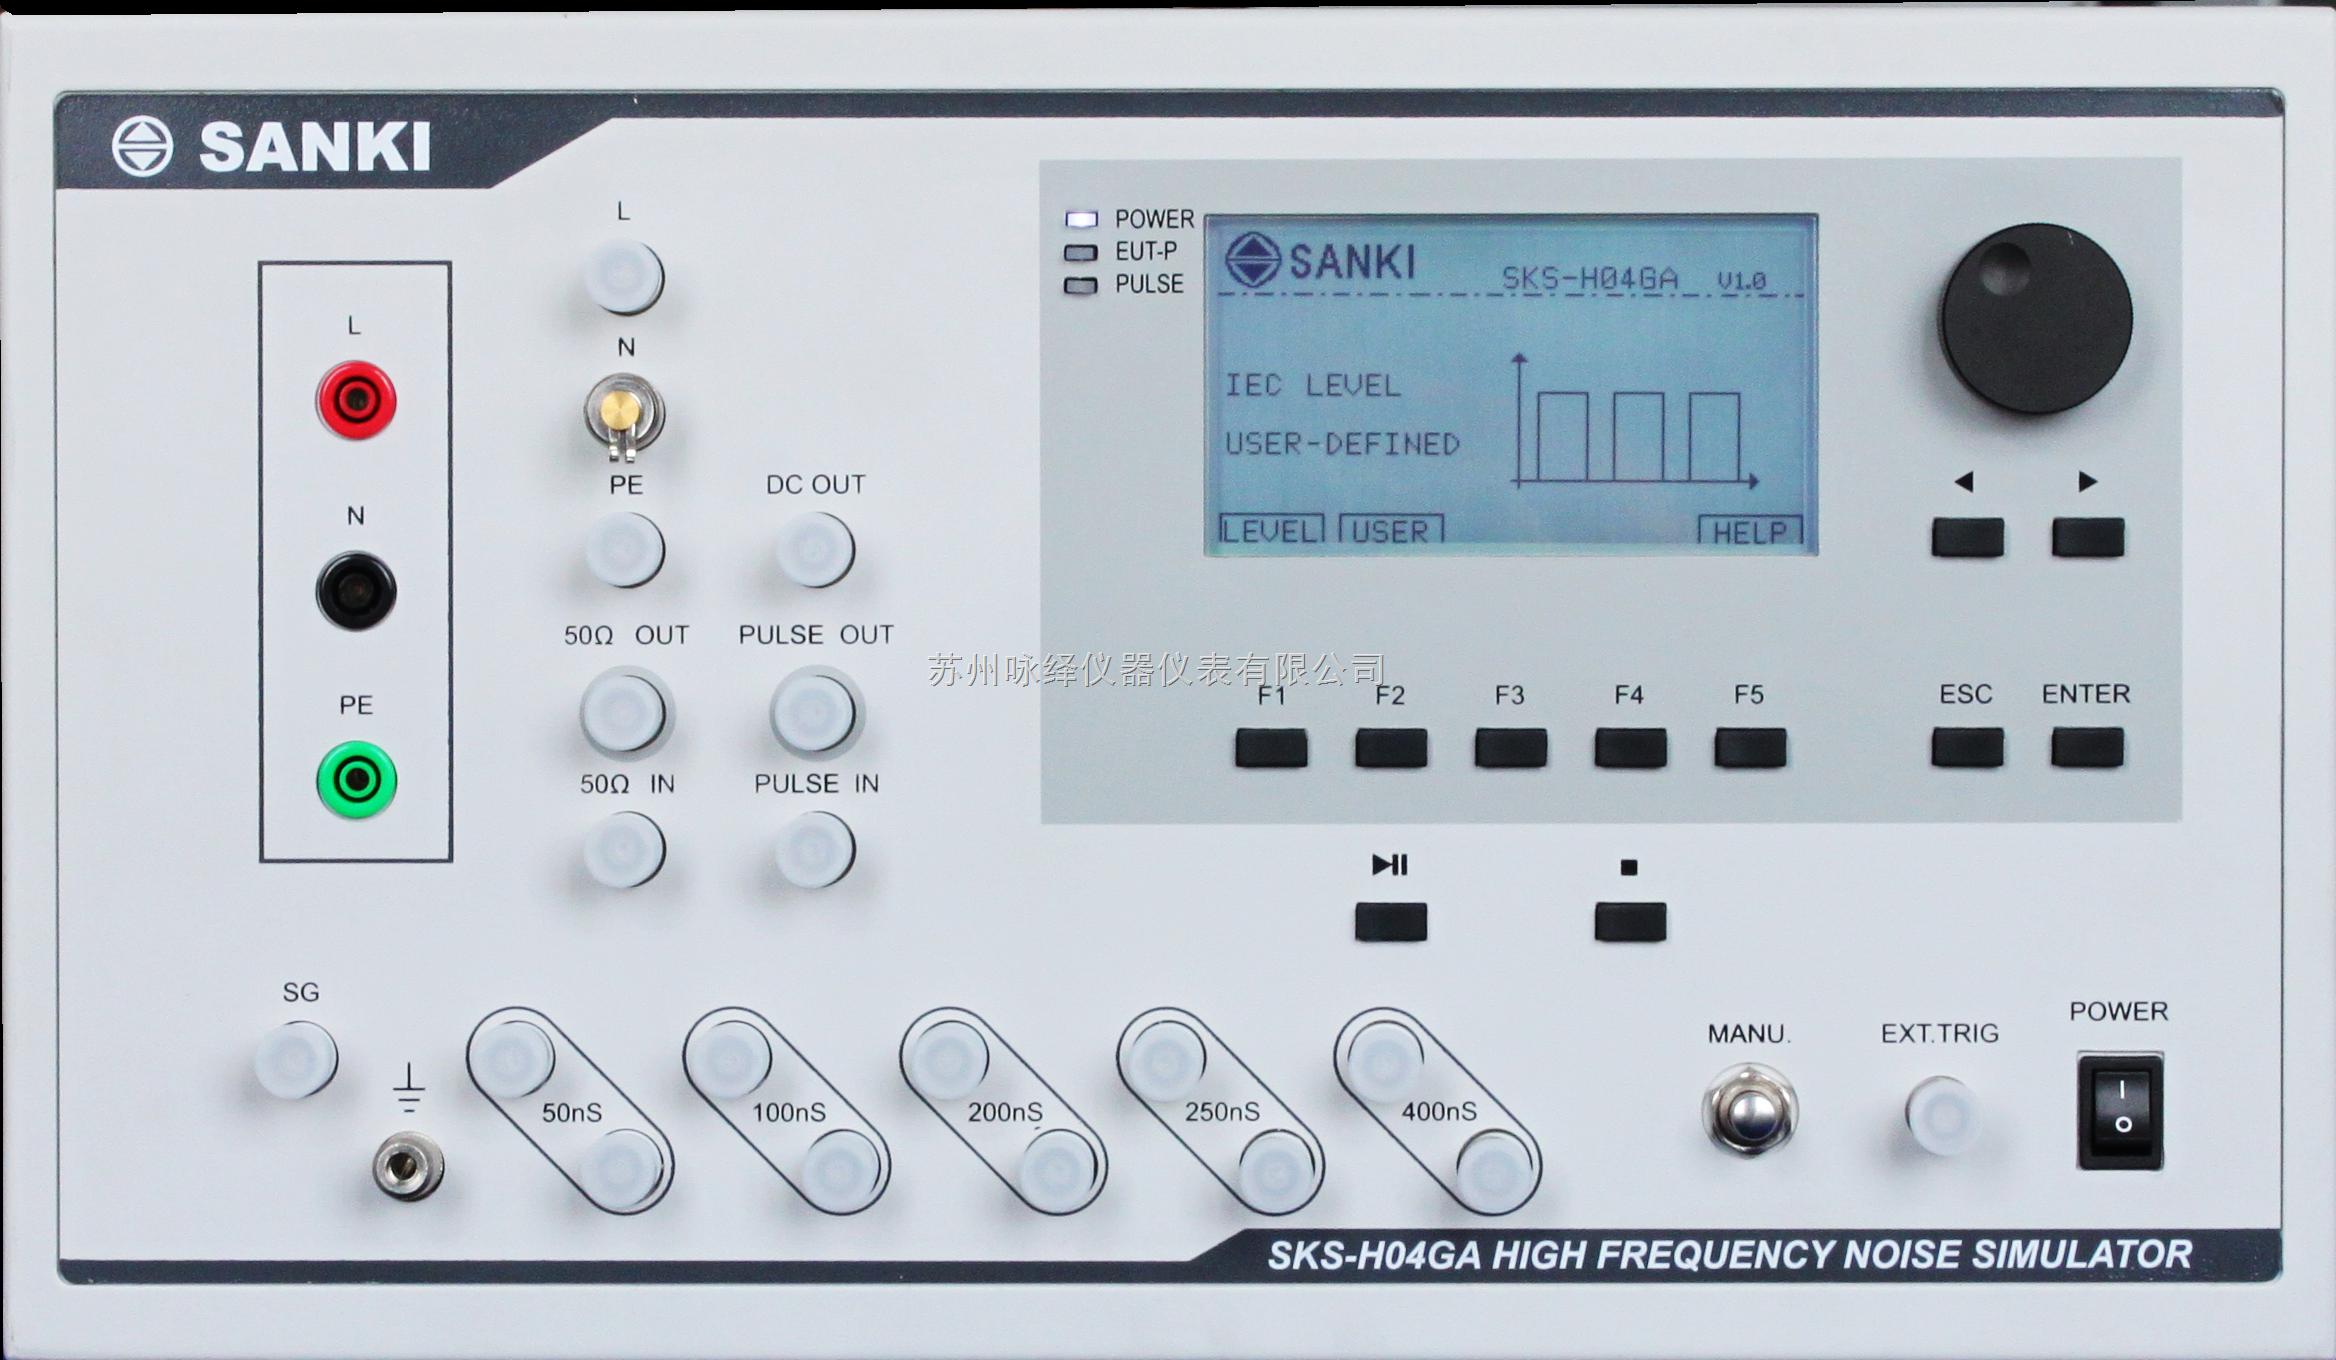 液晶智能型高频噪声模拟发生器(SKS-H04GA)